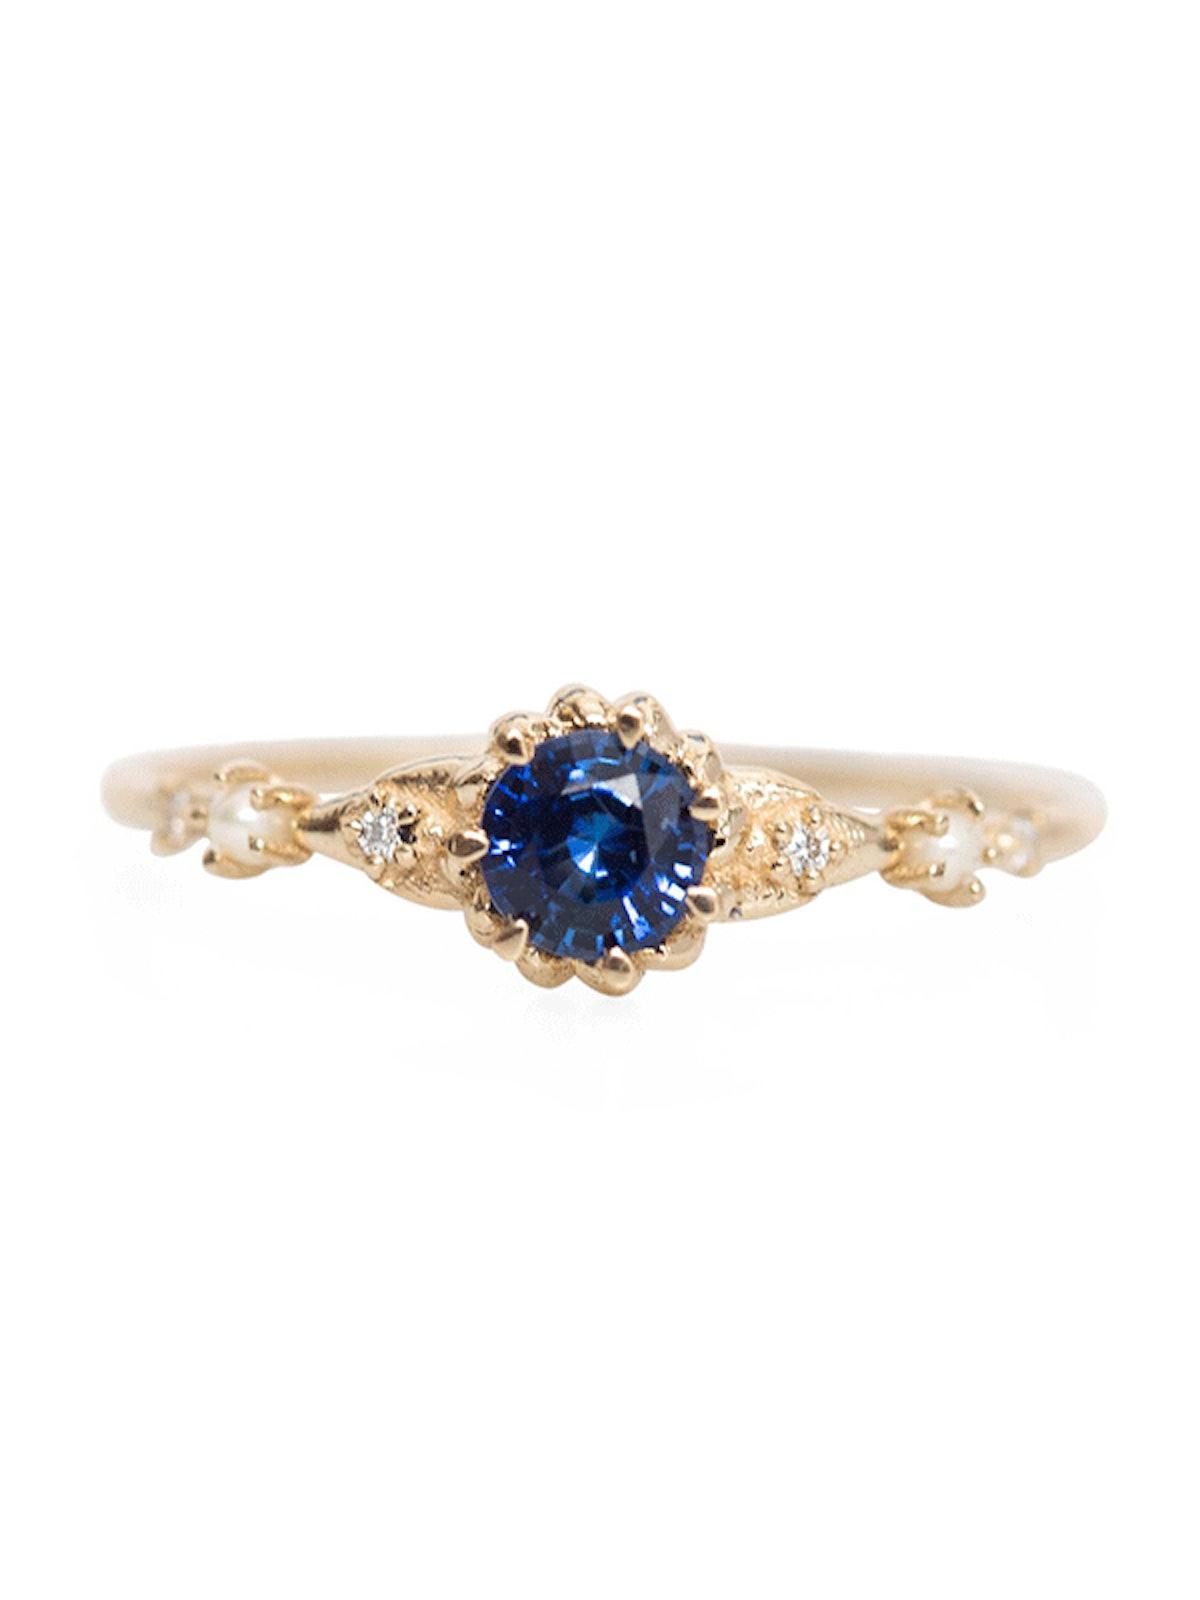 Clara's Dream Ring